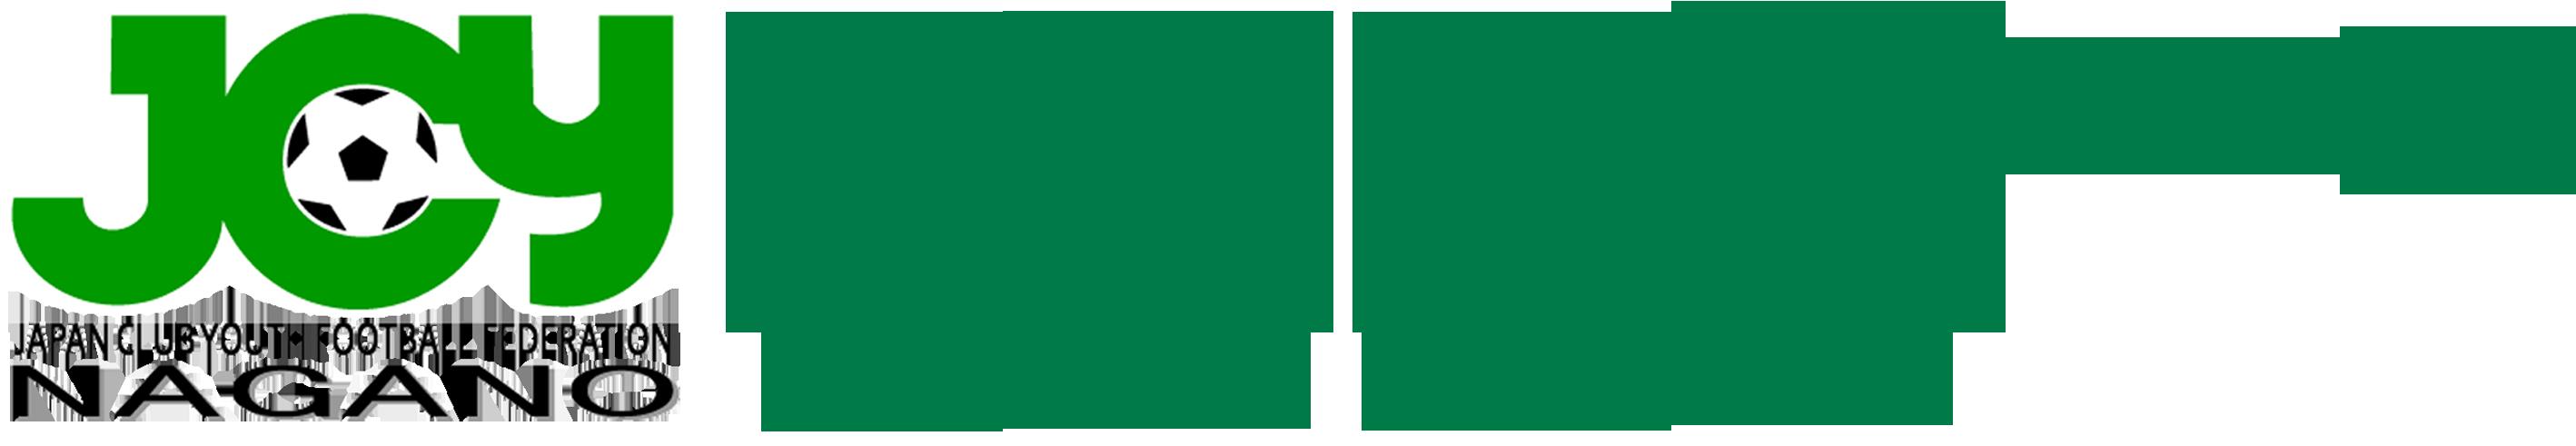 長野県クラブユースサッカー連盟